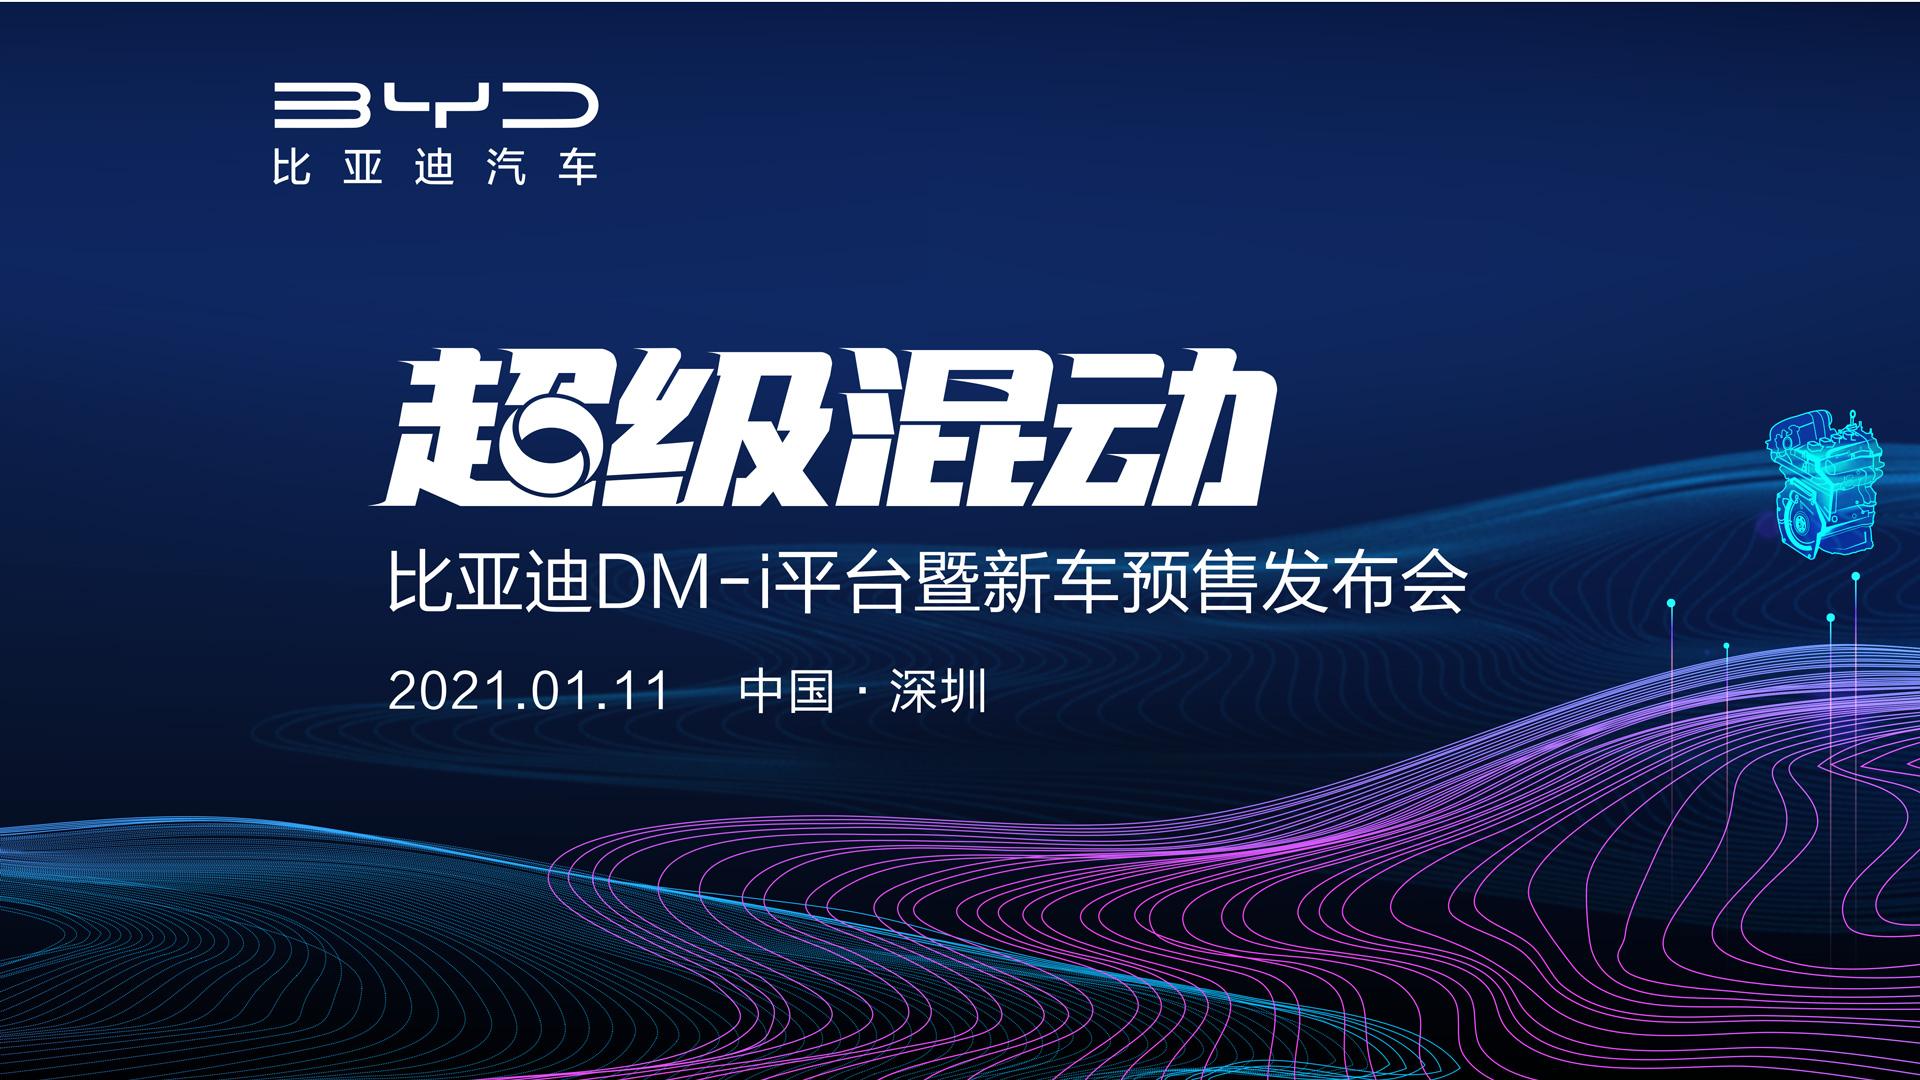 超级混动—比亚迪DM-i平台暨新车预售发布会